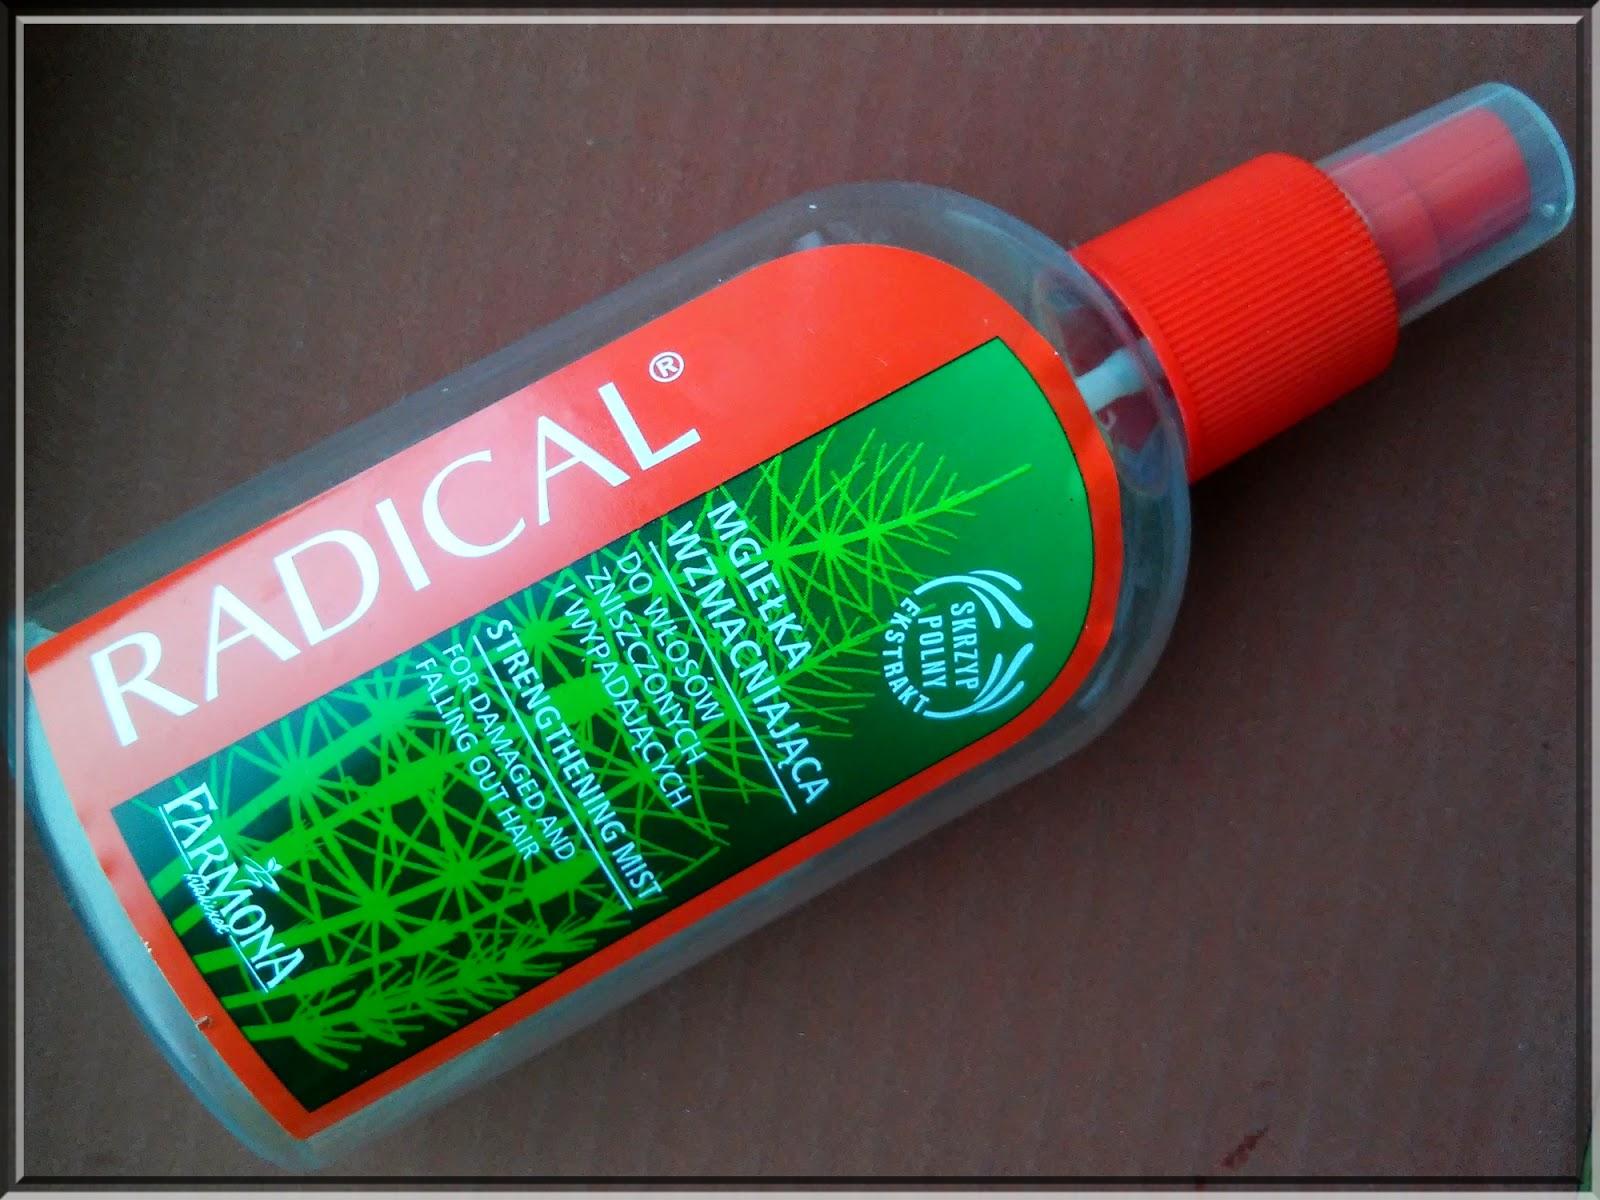 Radical, Mgiełka wzmacniająca do włosów zniszczonych i wypadających